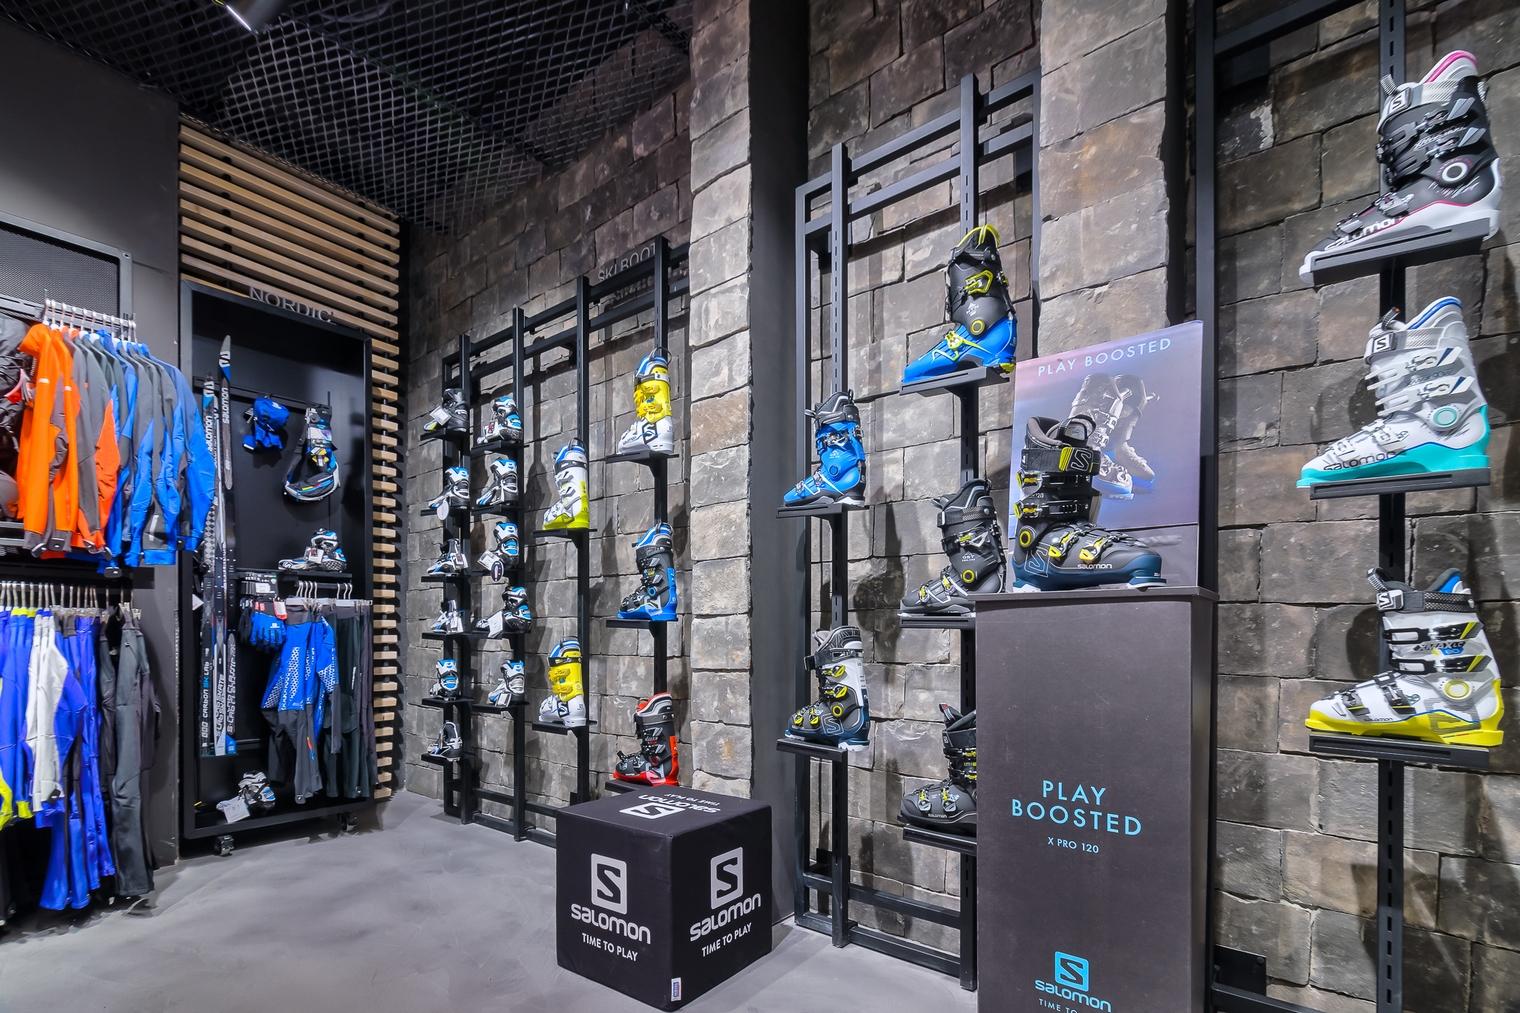 ProShop Salomon premium concept store. Atvangarde